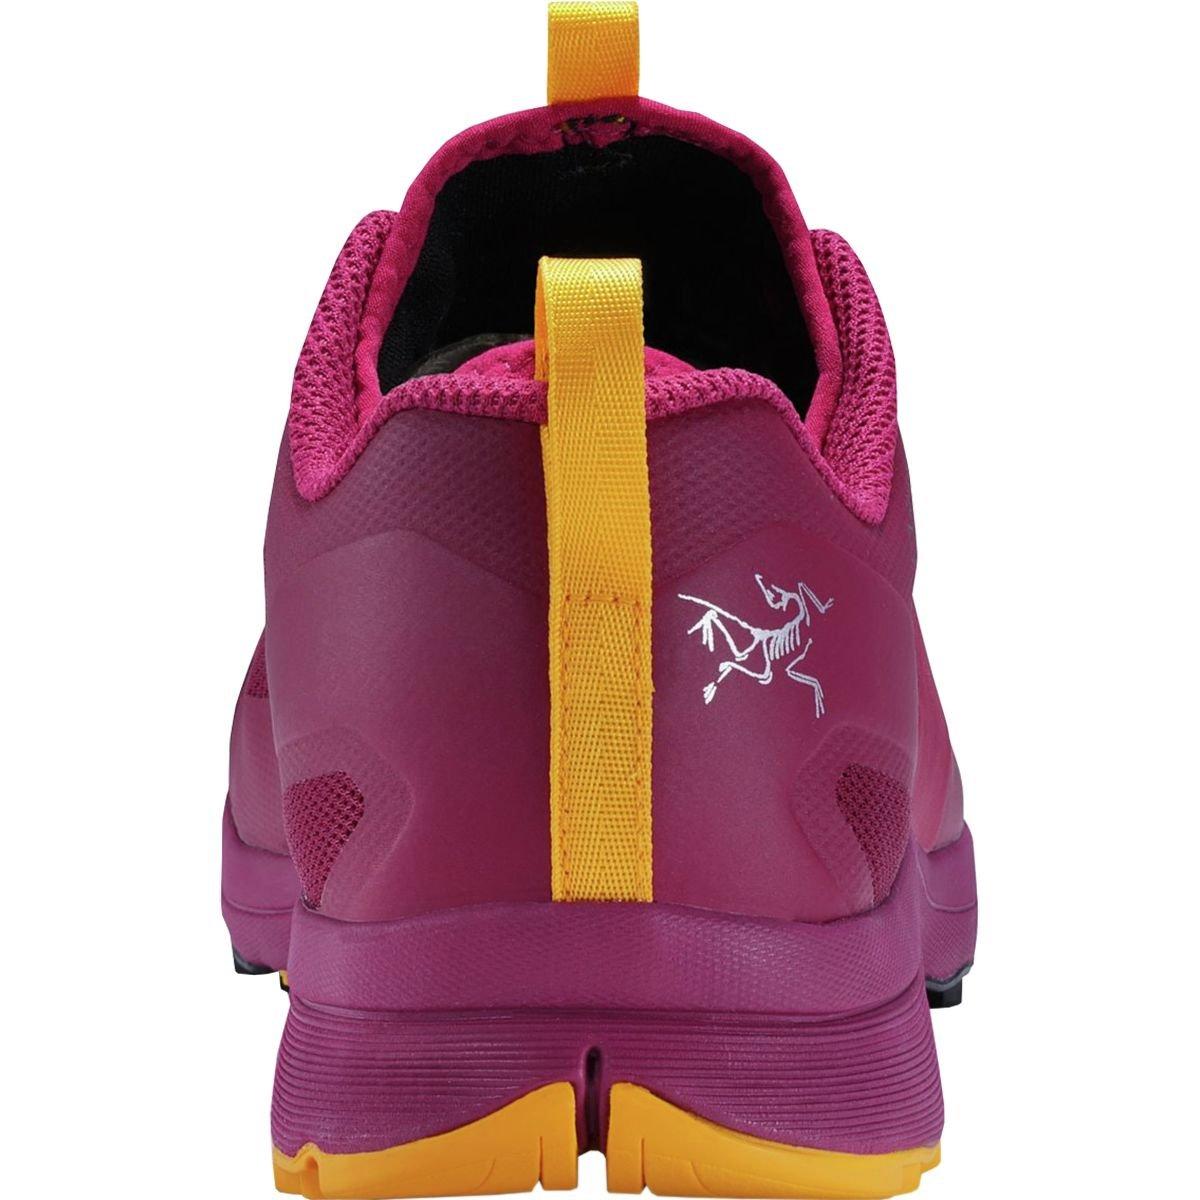 Arc'teryx Norvan VT GTX Trail Running Shoe - Women's B078N3F6L2 US 8.0/UK 6.5 Liberty/Arcturus